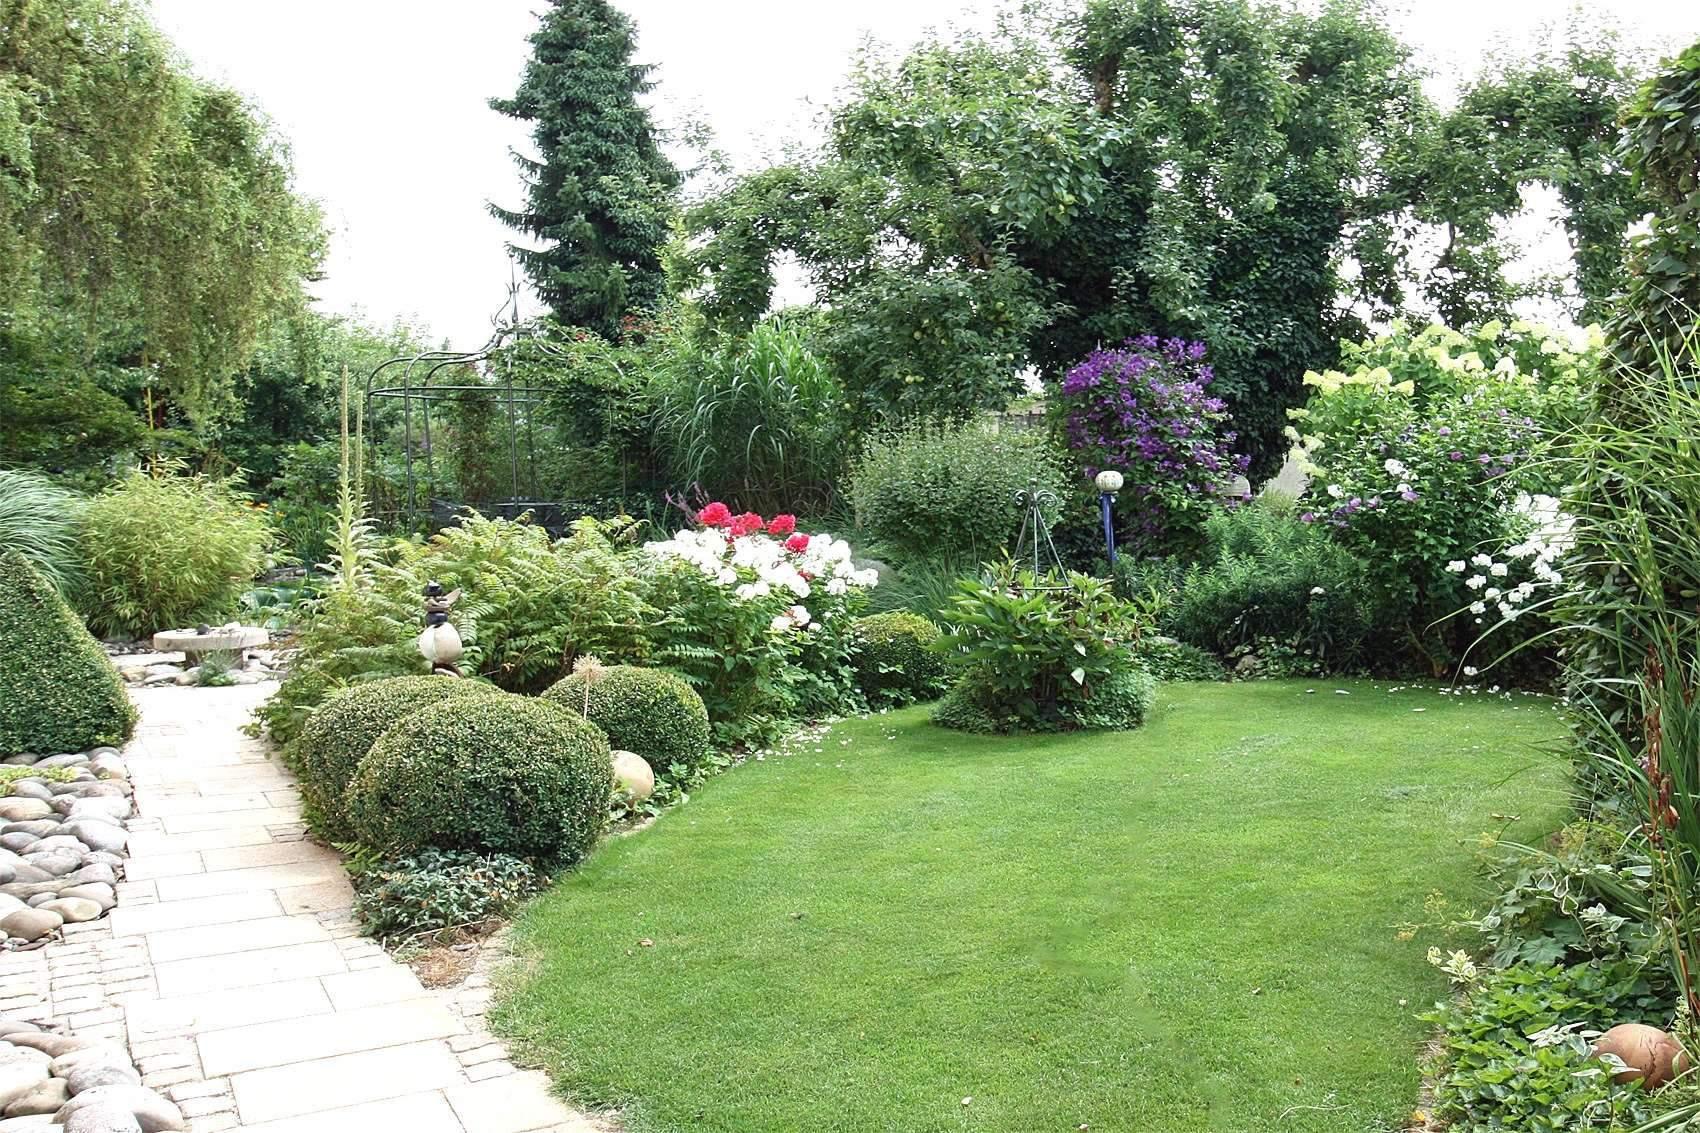 Mediterrane Gartengestaltung Neu 29 Frisch Garten Mediterran Gestalten Reizend